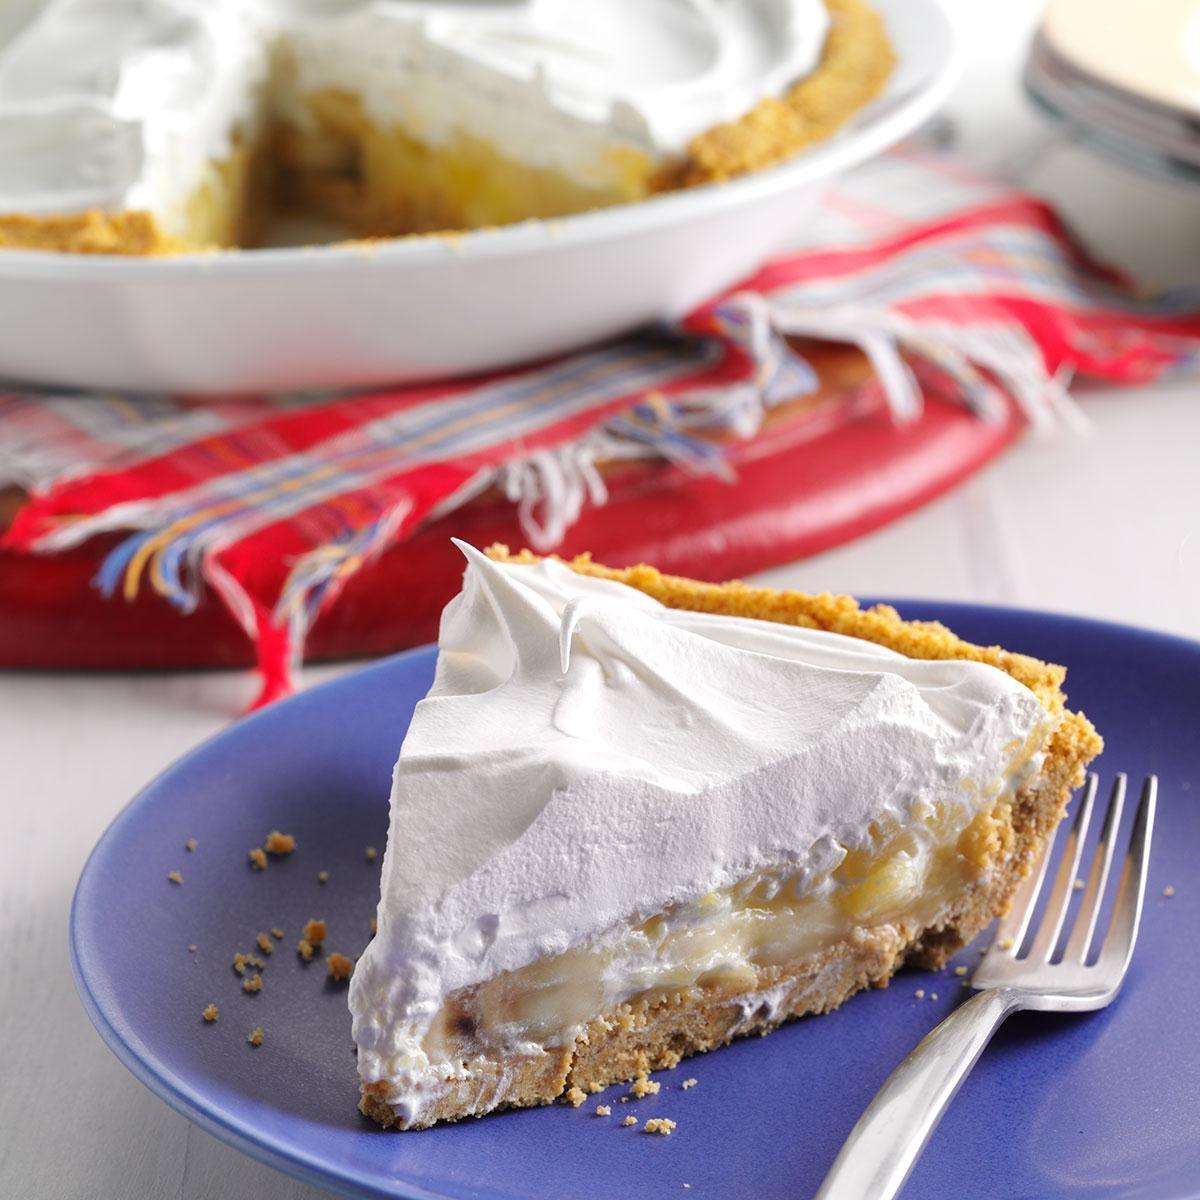 Banana-Pineapple Cream Pies